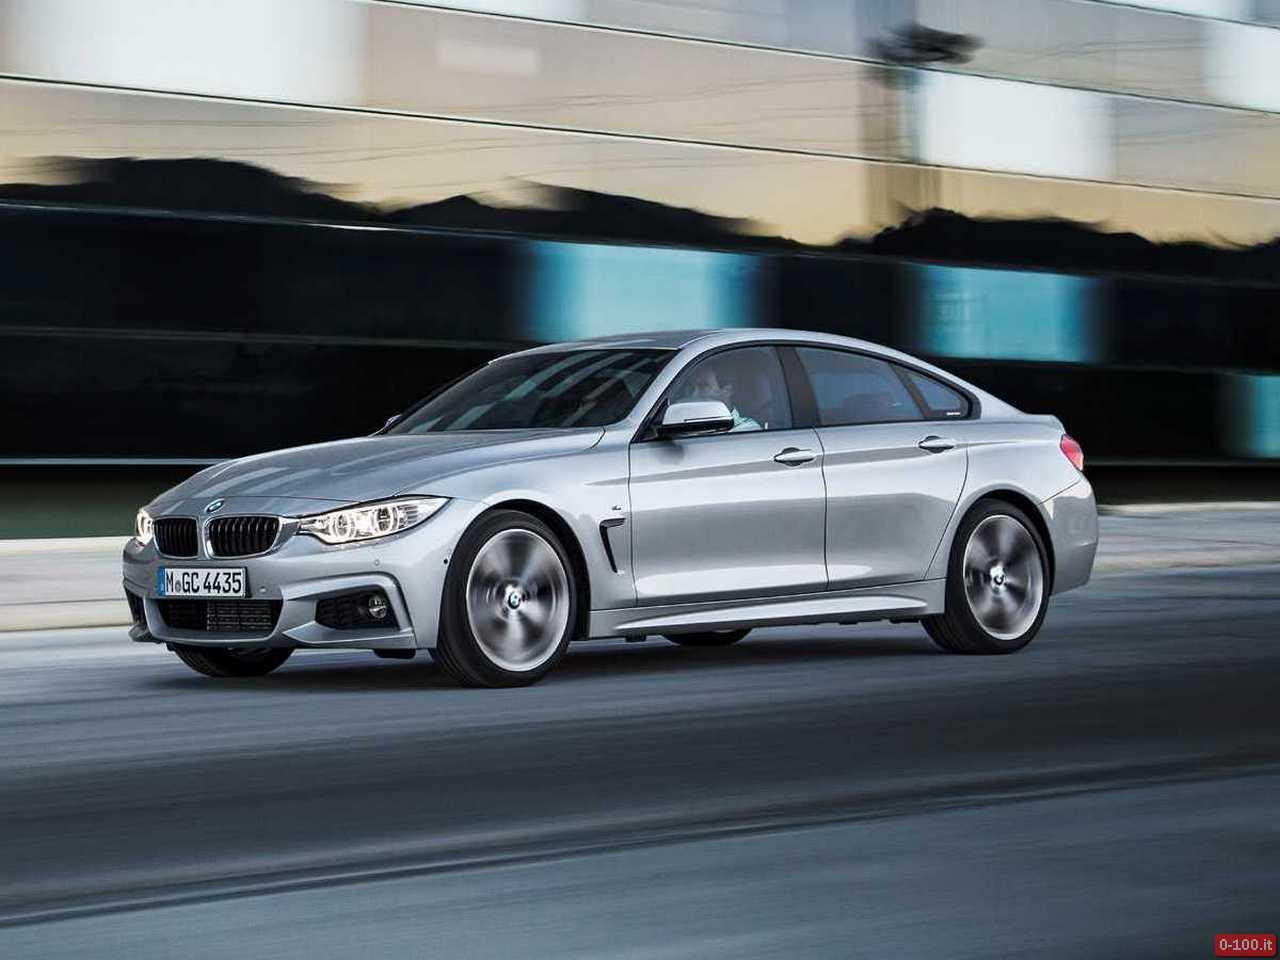 bmw-serie-4-gran-coupe-prezzo-price-ginevra-geneve-2014-0-100_62